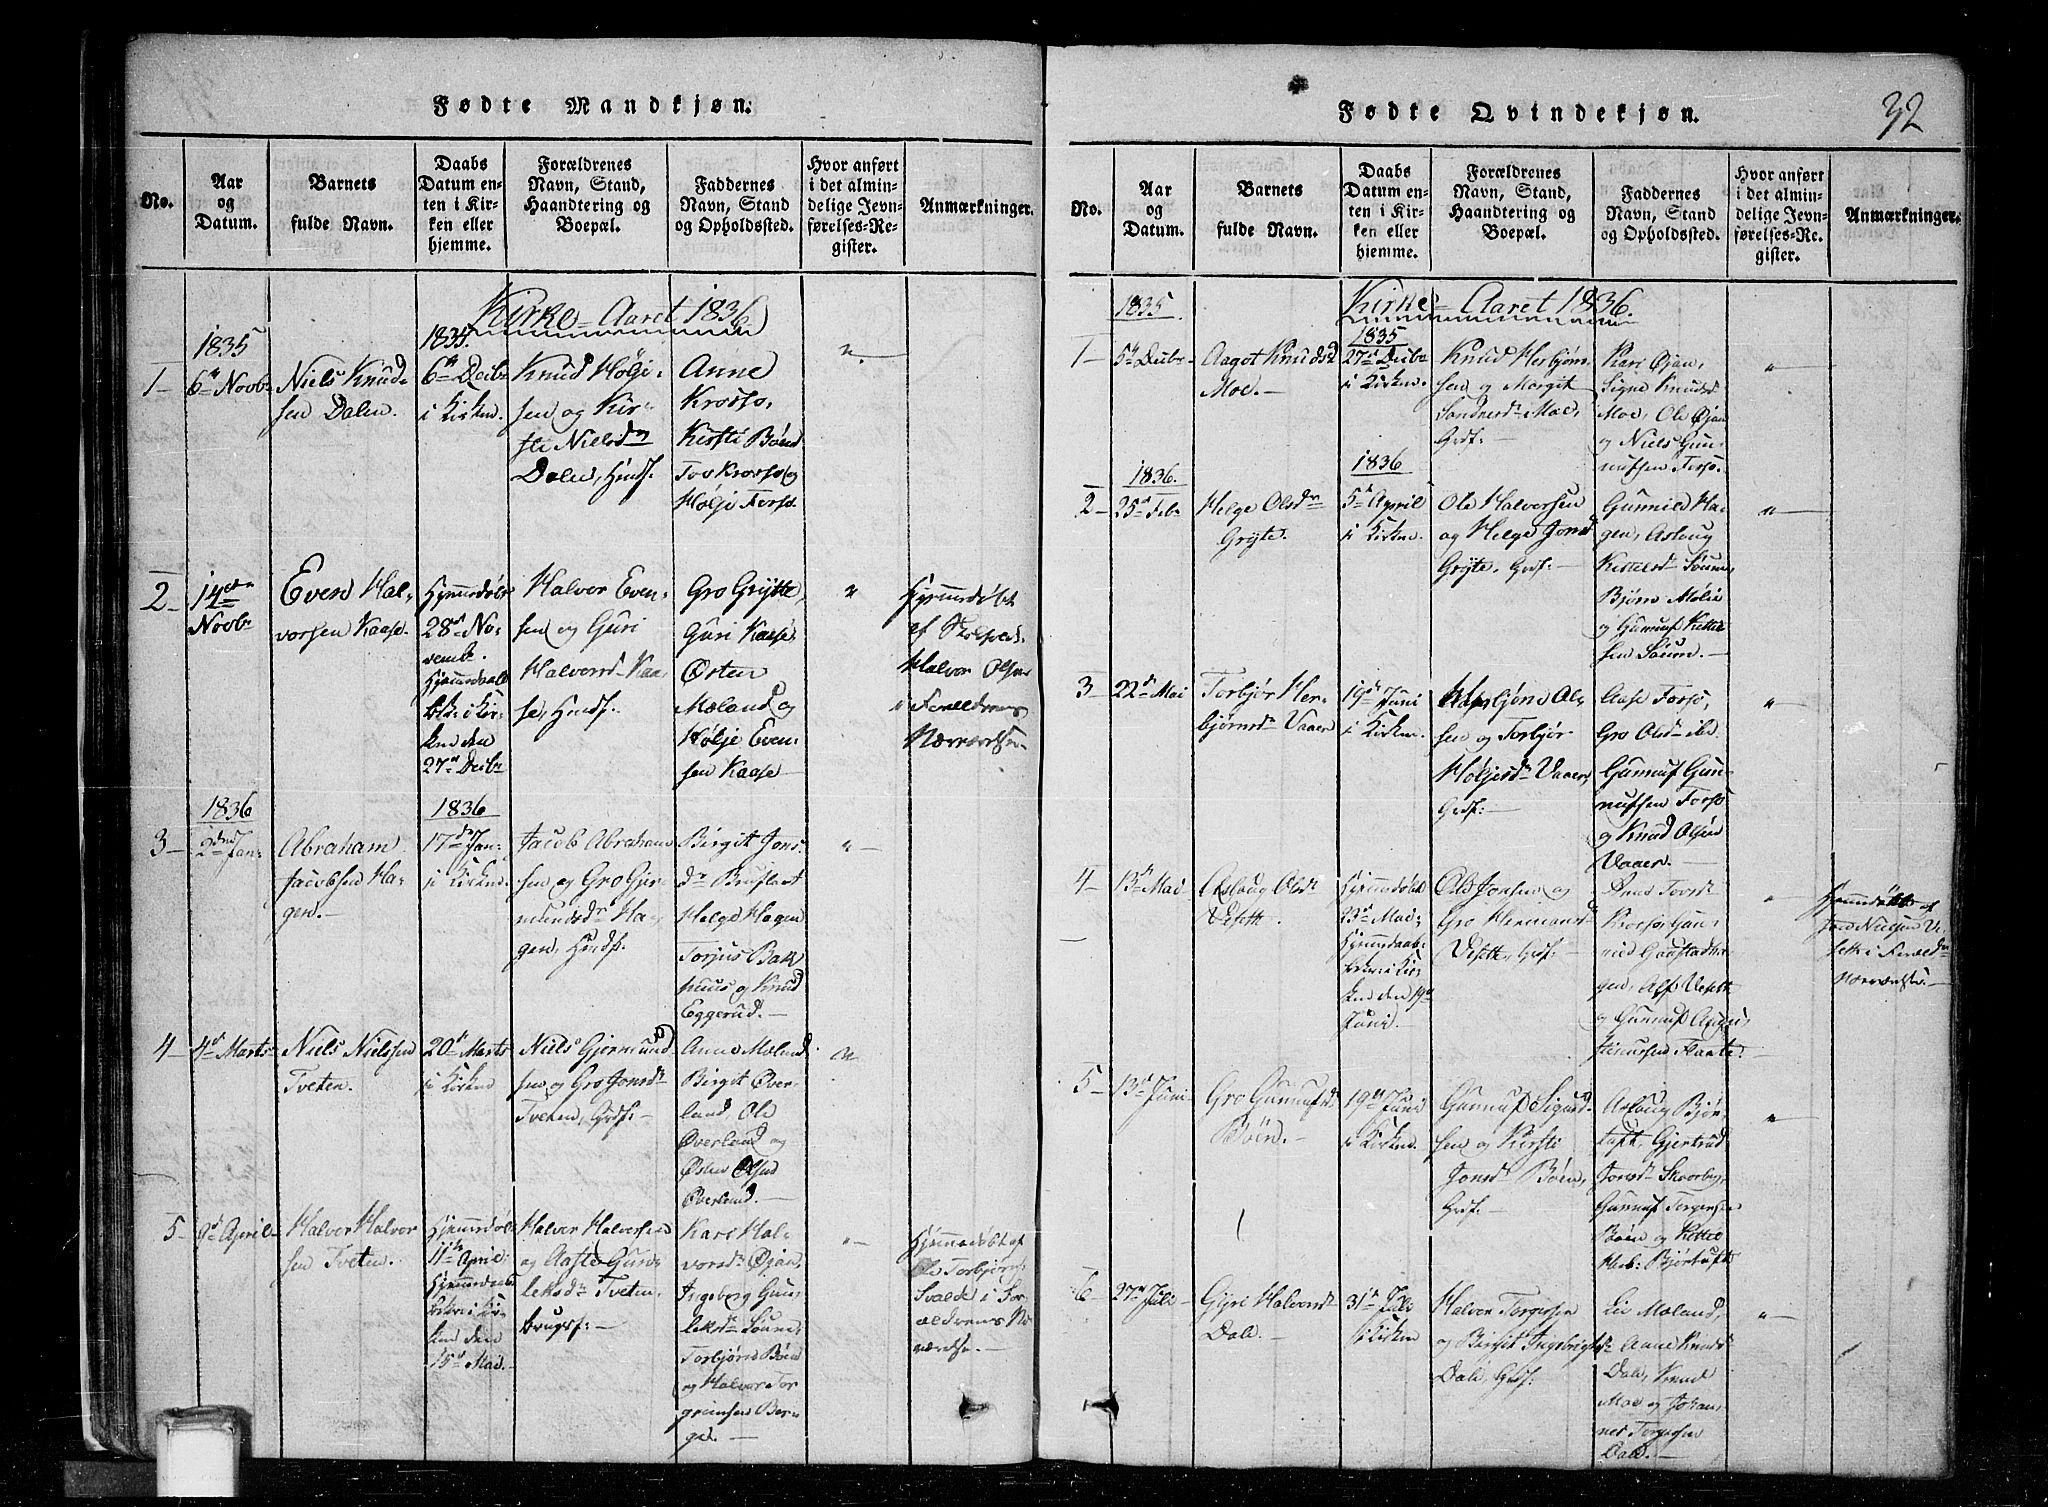 SAKO, Tinn kirkebøker, G/Gc/L0001: Klokkerbok nr. III 1, 1815-1879, s. 32